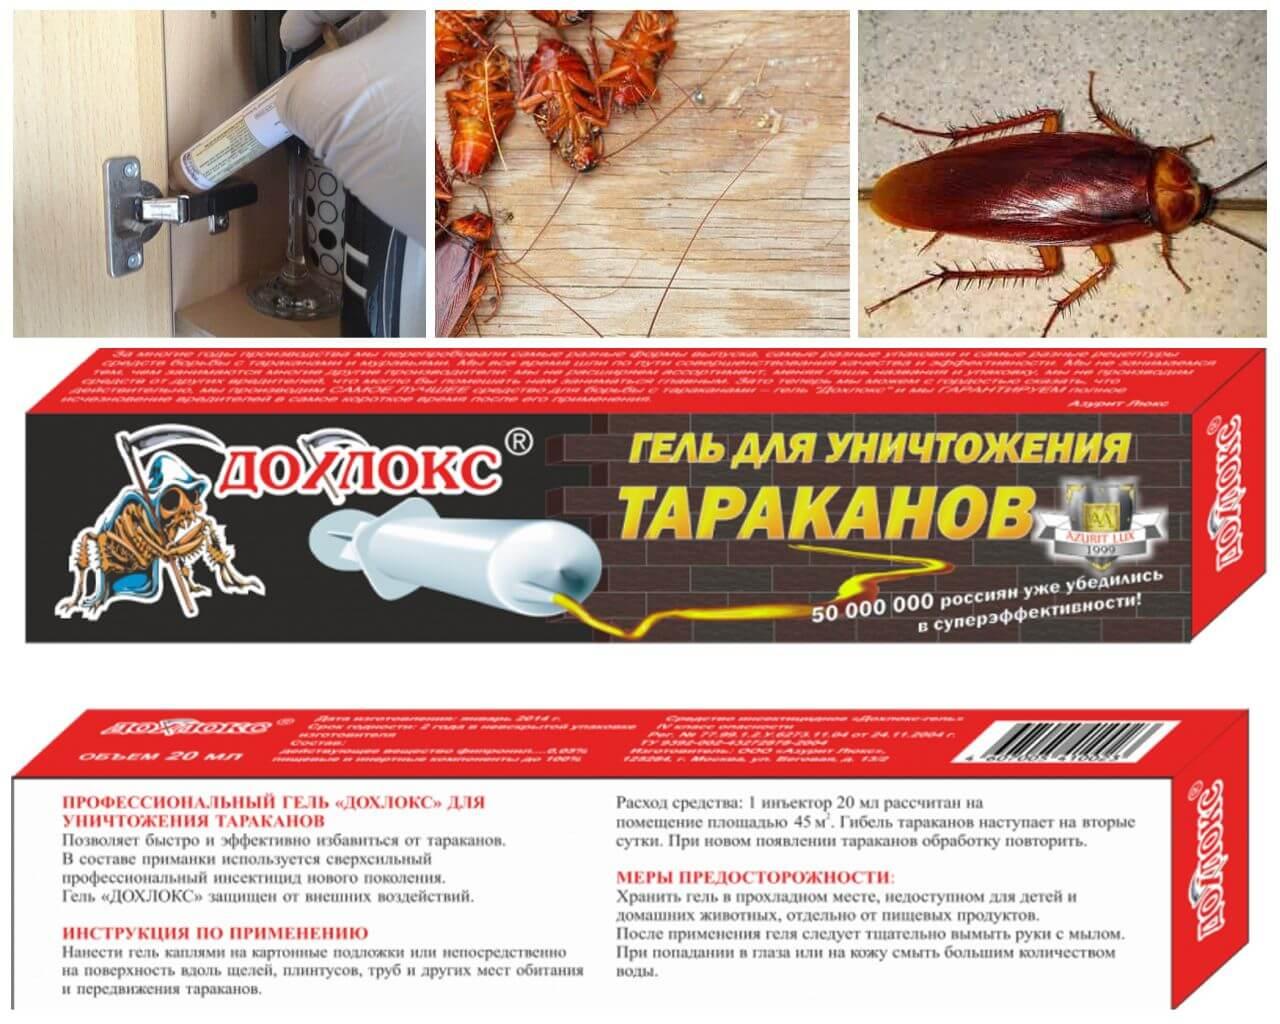 Применение средств дохлокс от тараканов